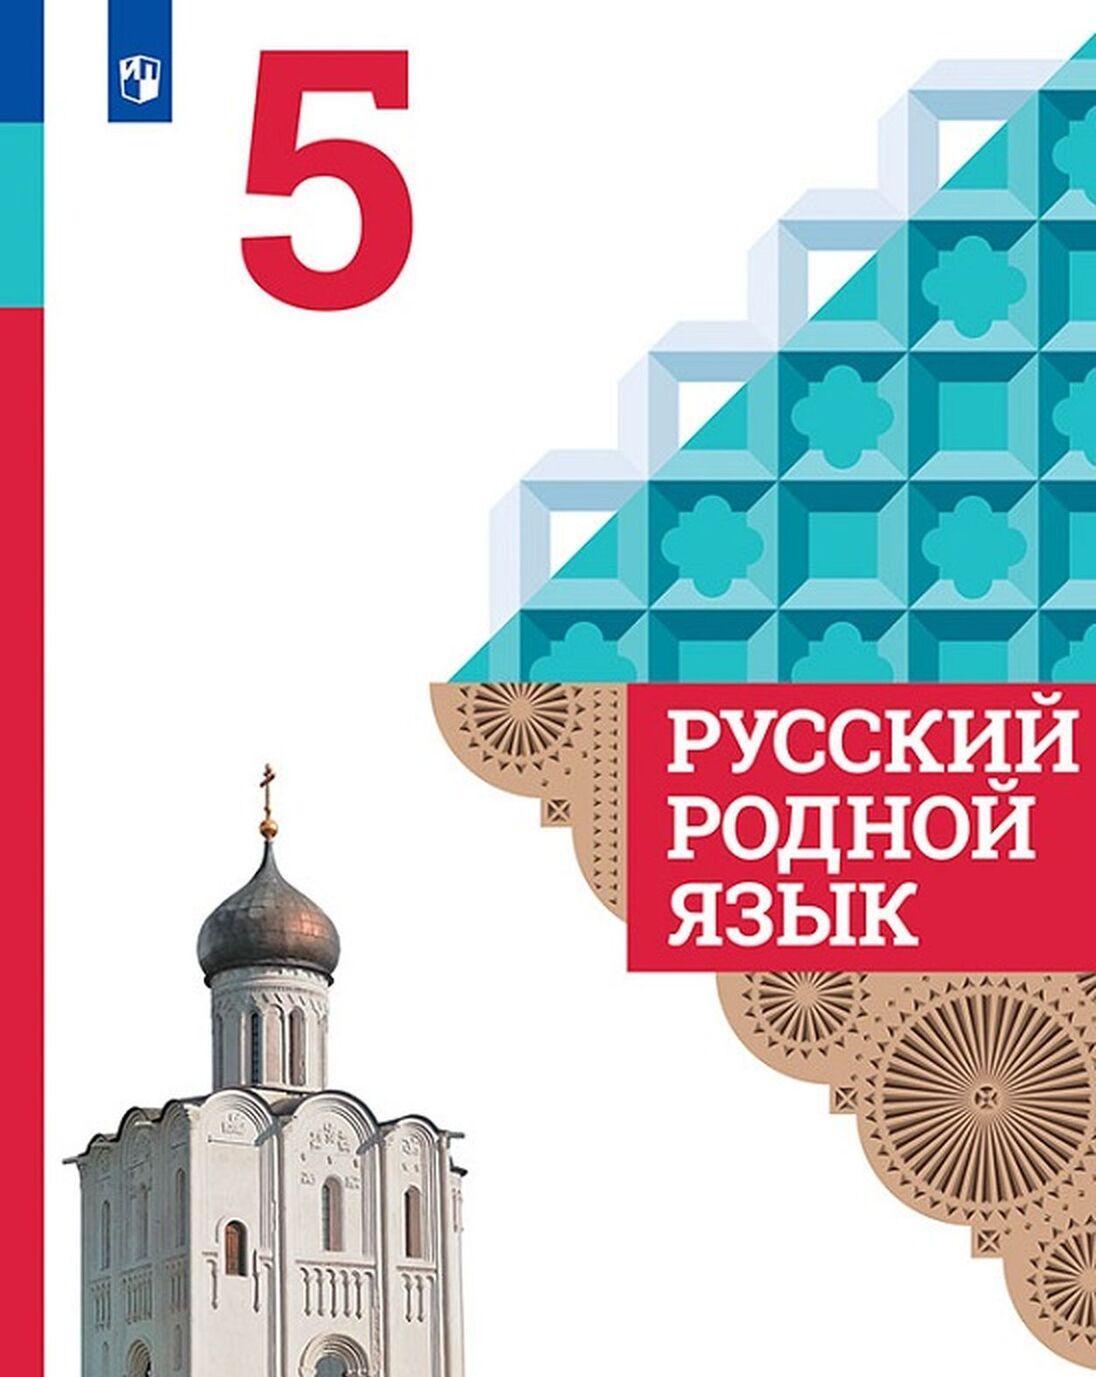 Russkij rodnoj jazyk. 5 klass. Uchebnoe posobie dlja obscheobrazovatelnykh organizatsij